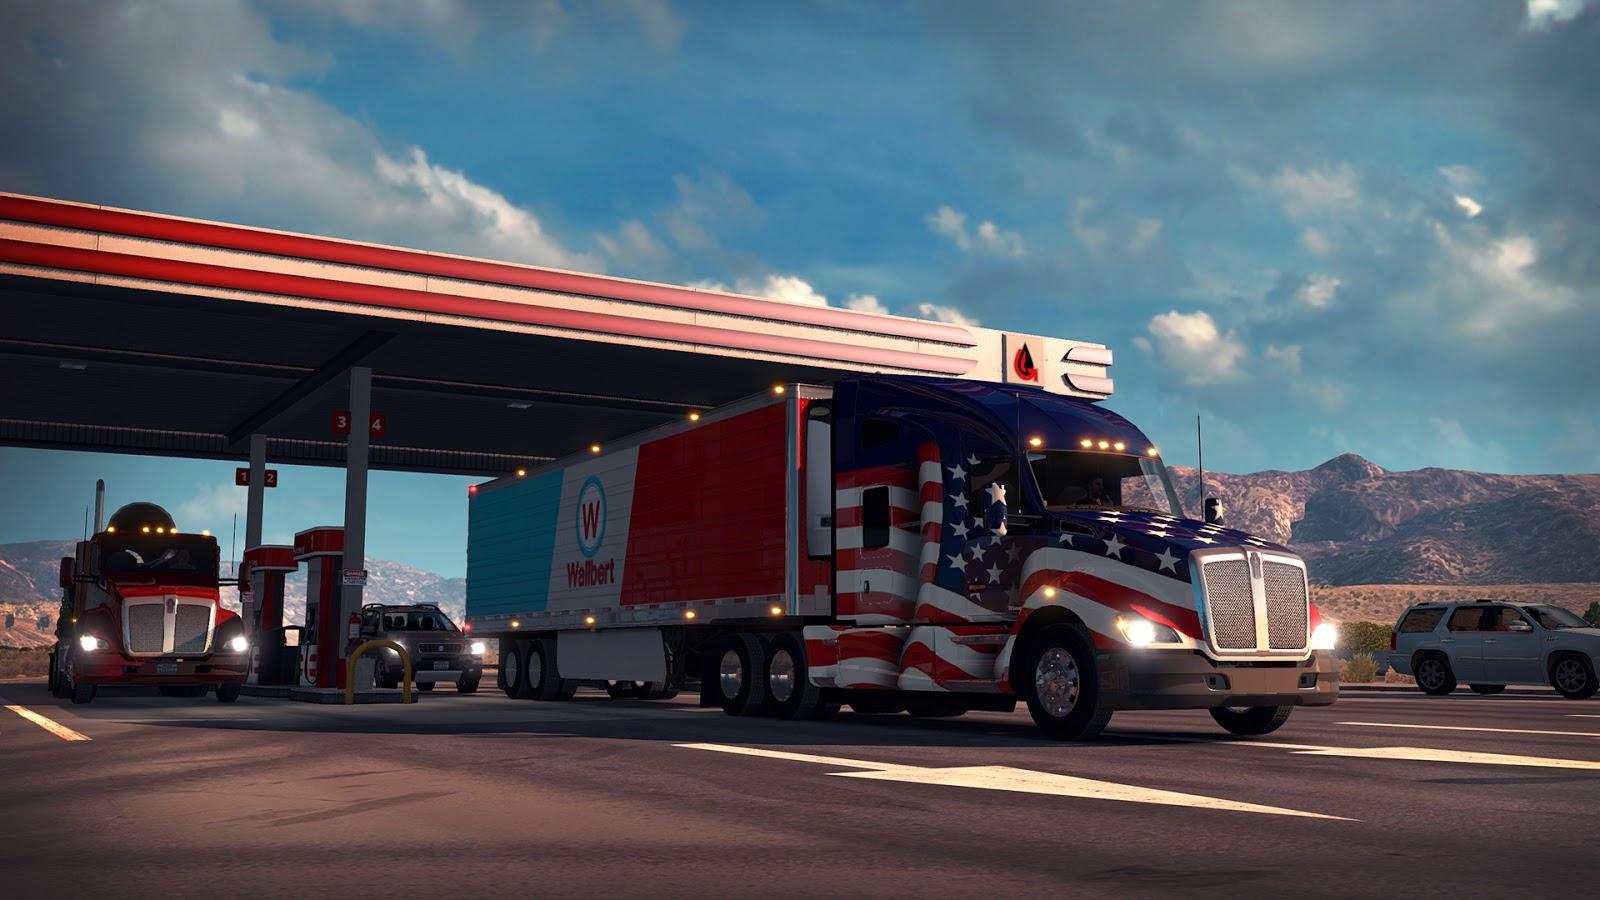 american truck simulator download for ipad